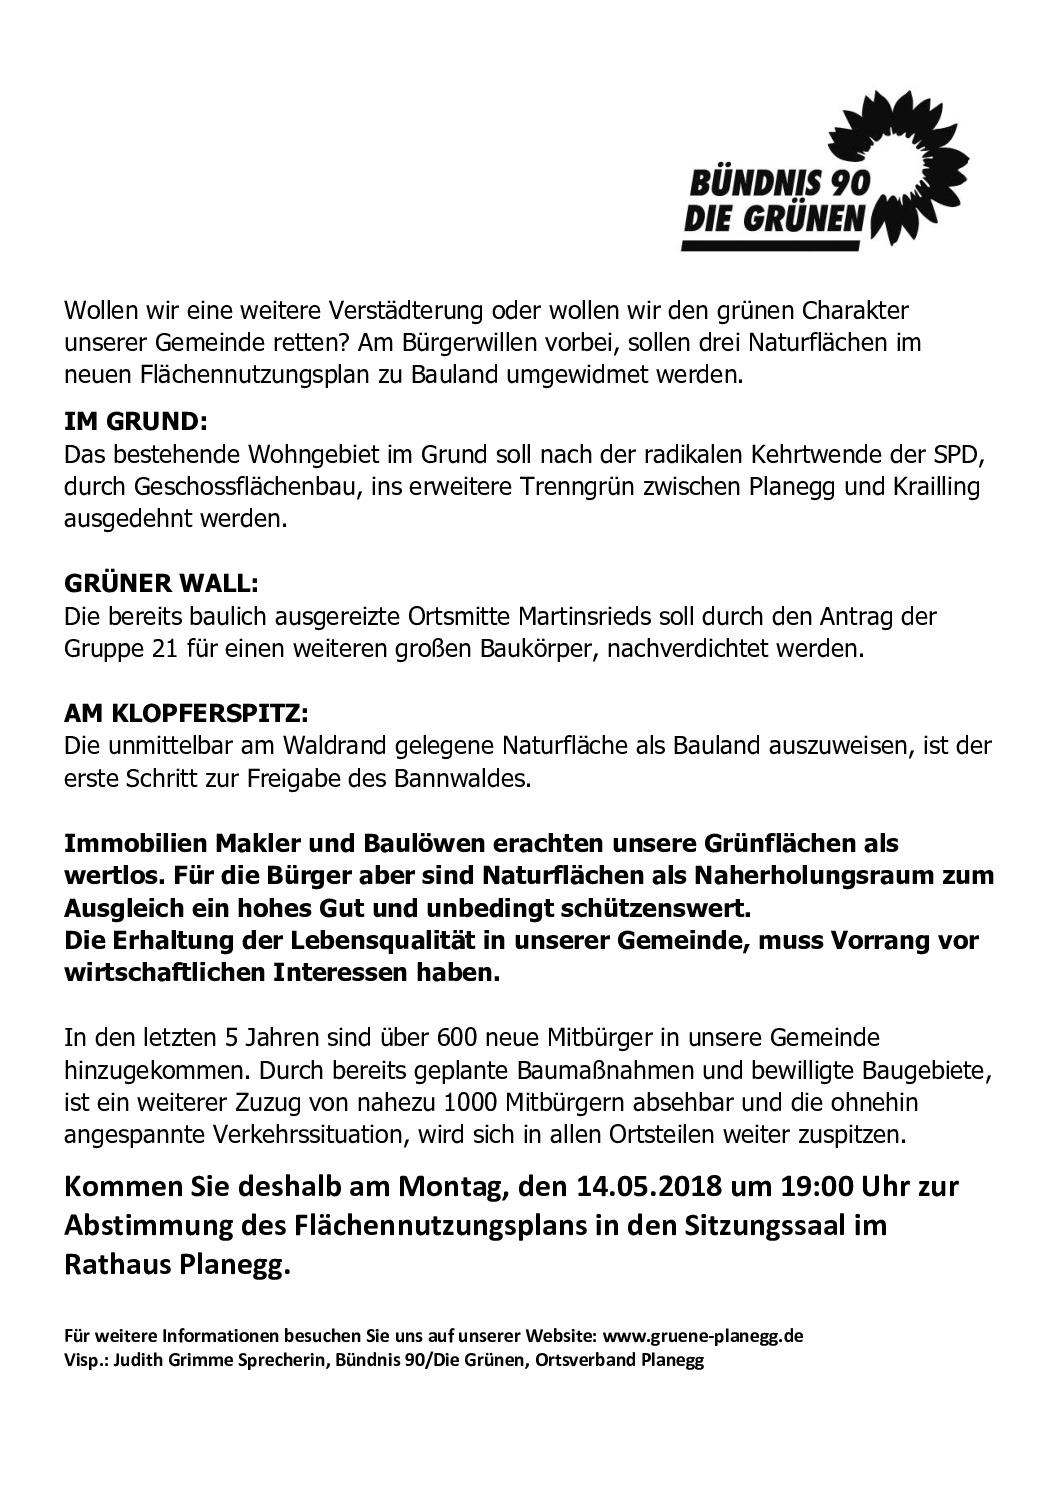 thumbnail of Infoblatt zur Unterschriftenliste Logo 03.05.2018